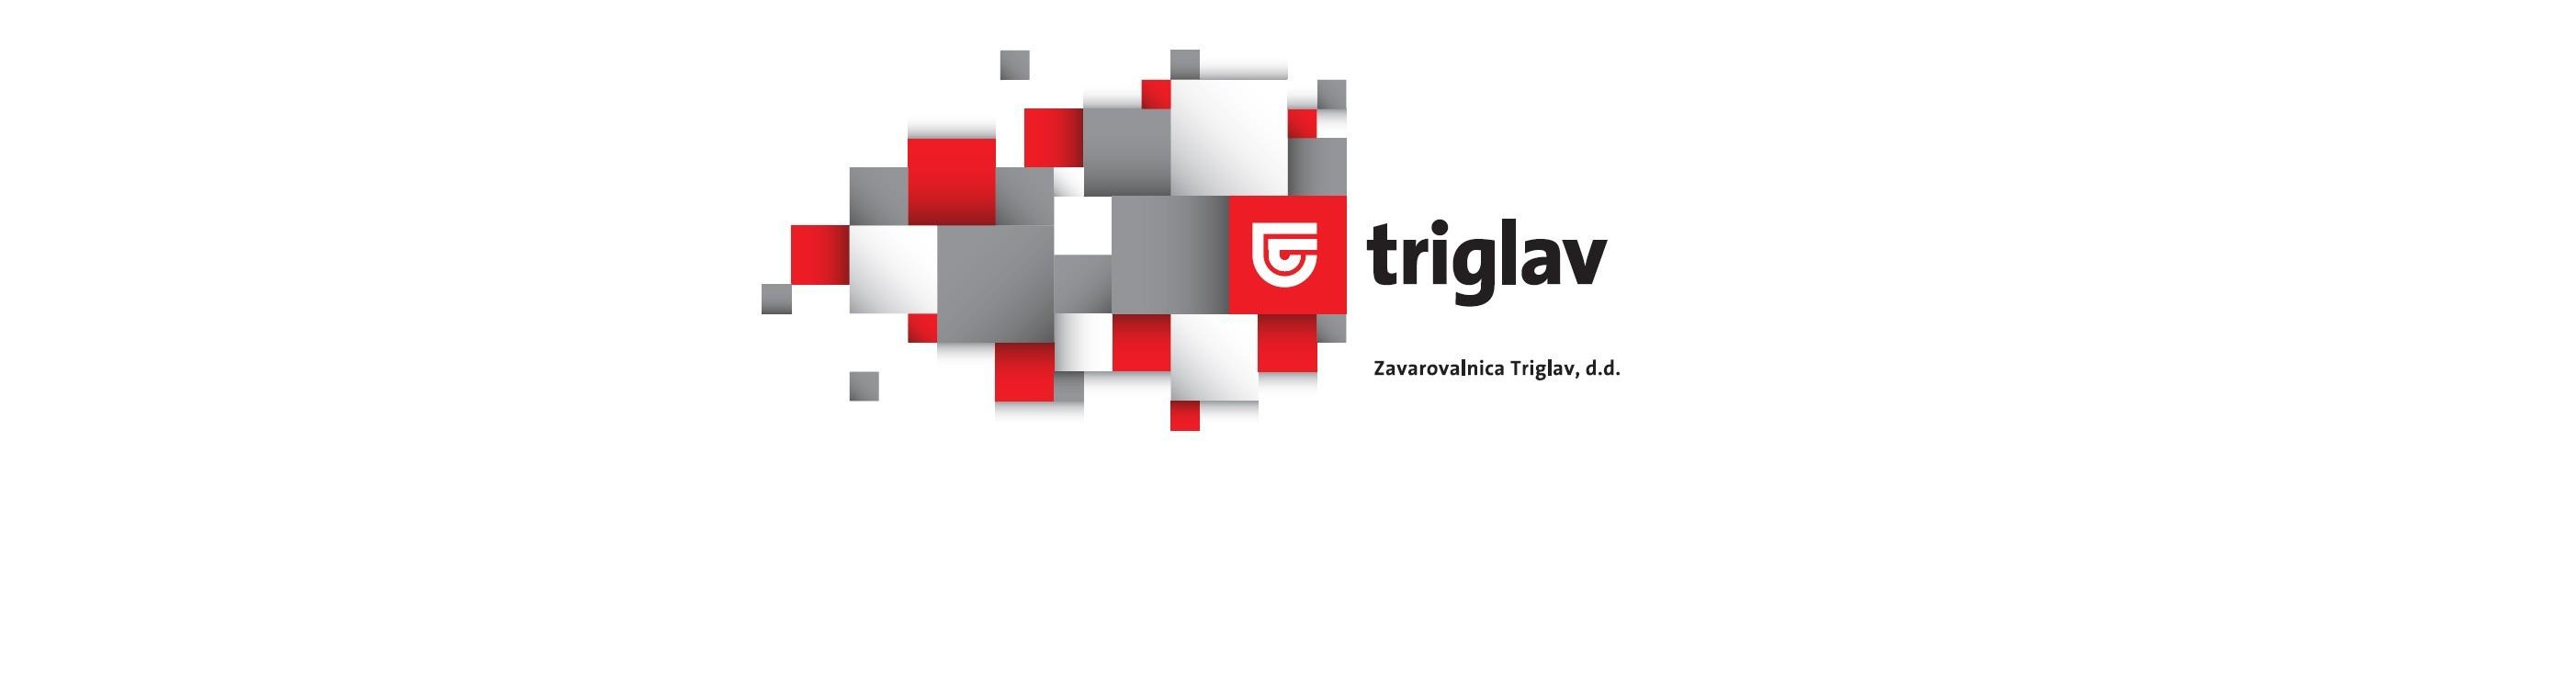 Zavarovalnica Triglav d.d. je prejela nagrado Oglaševalec leta